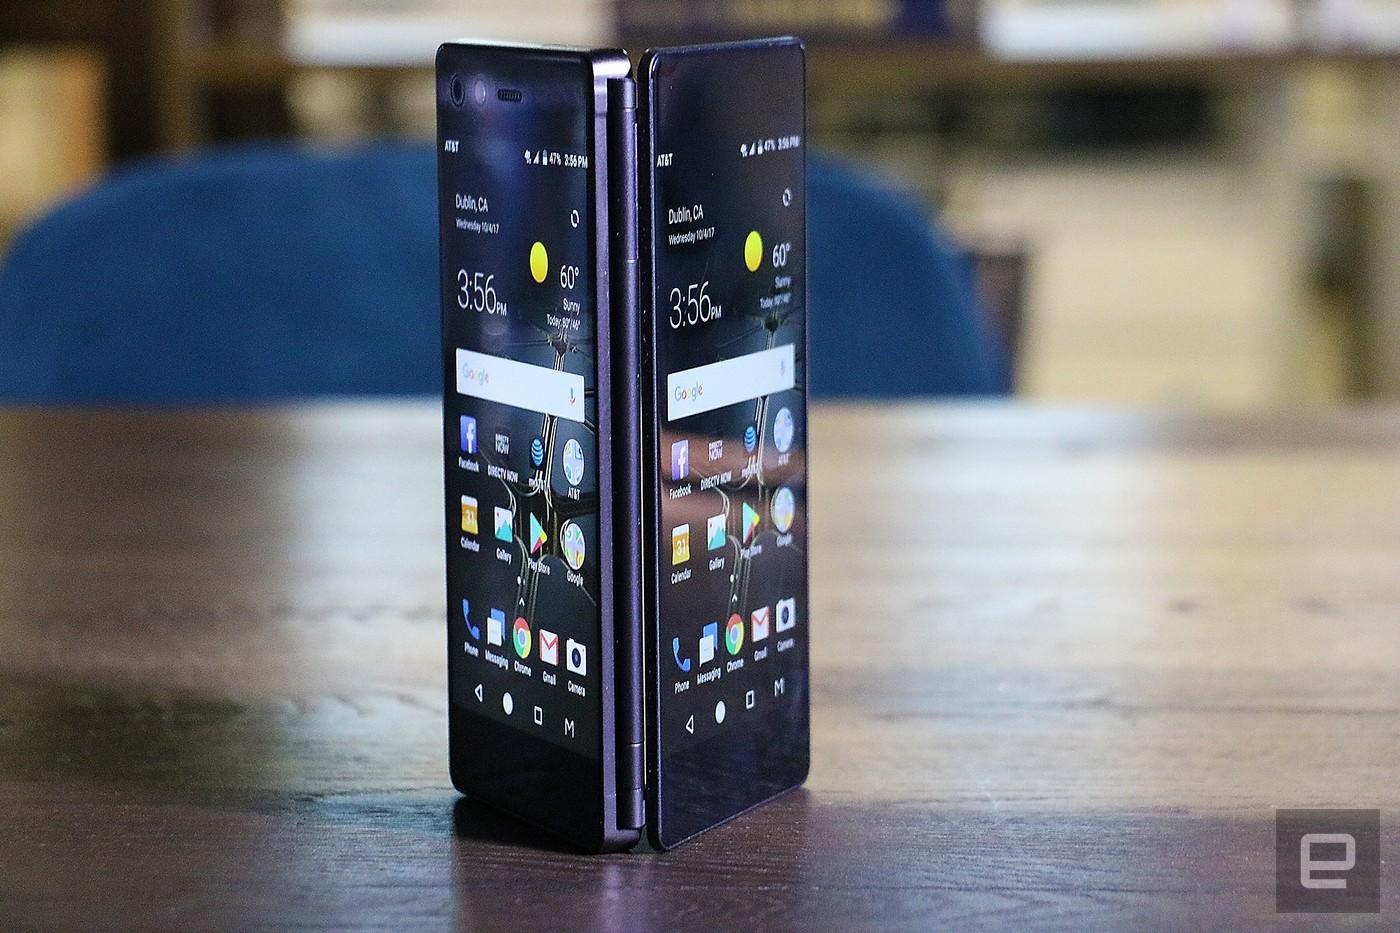 中兴 Axon M 是双屏折叠手机类别中久违的新成员